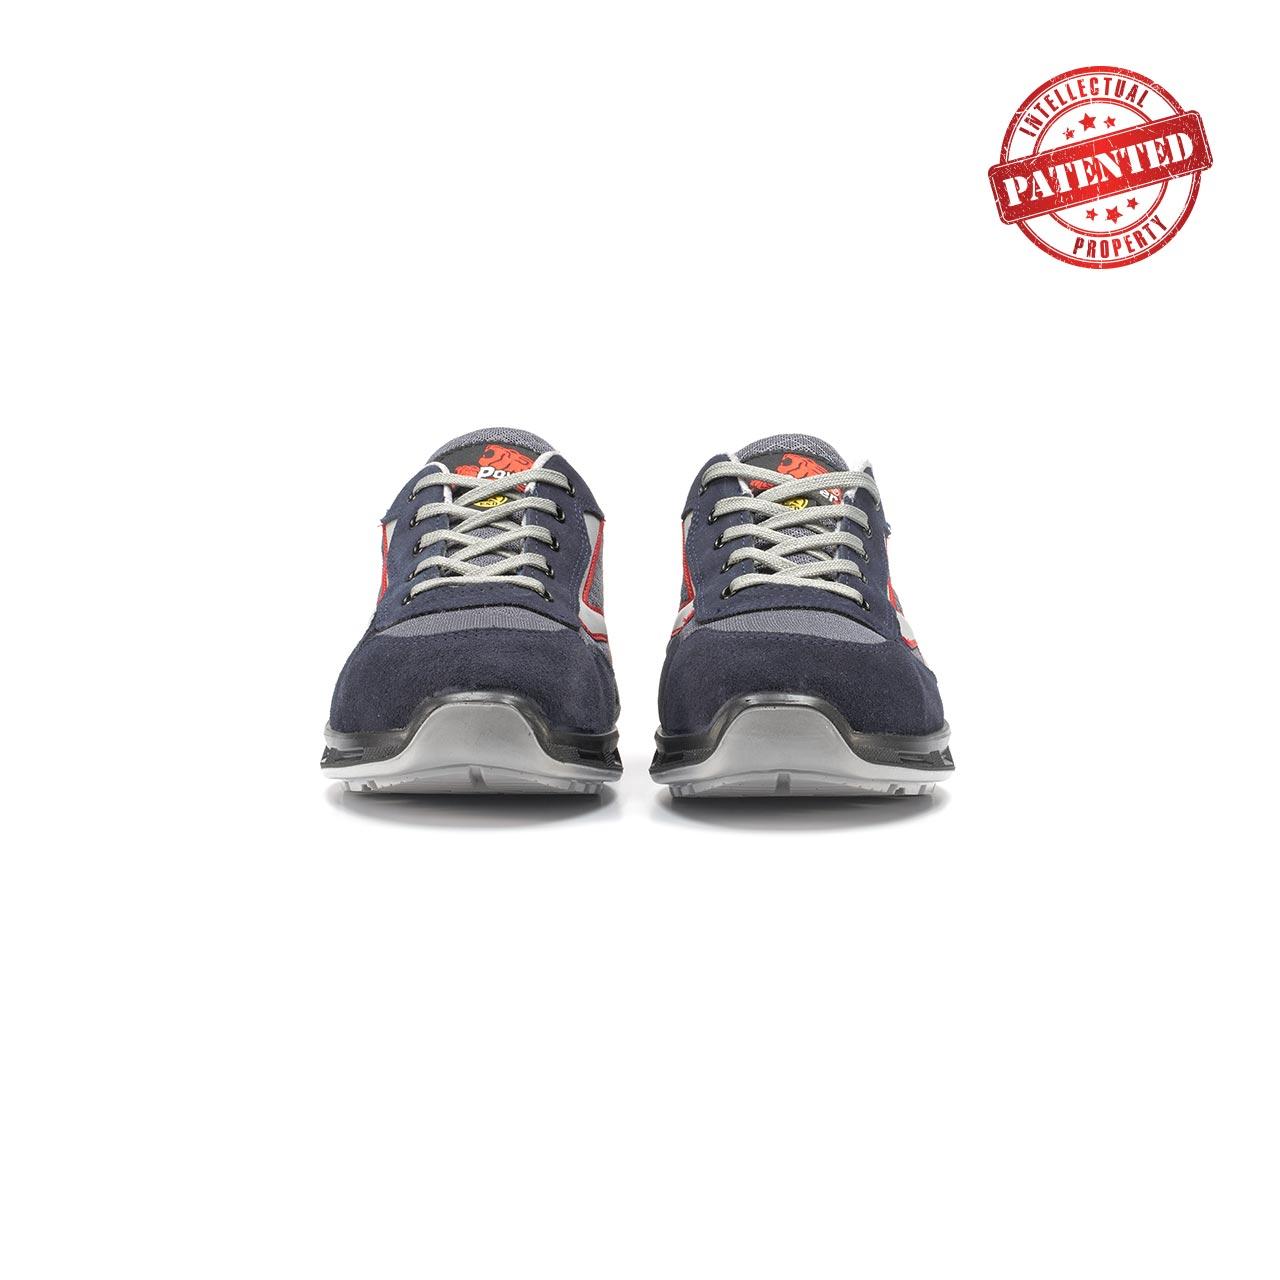 paio di scarpe antinfortunistiche upower modello active linea redlion vista frontale